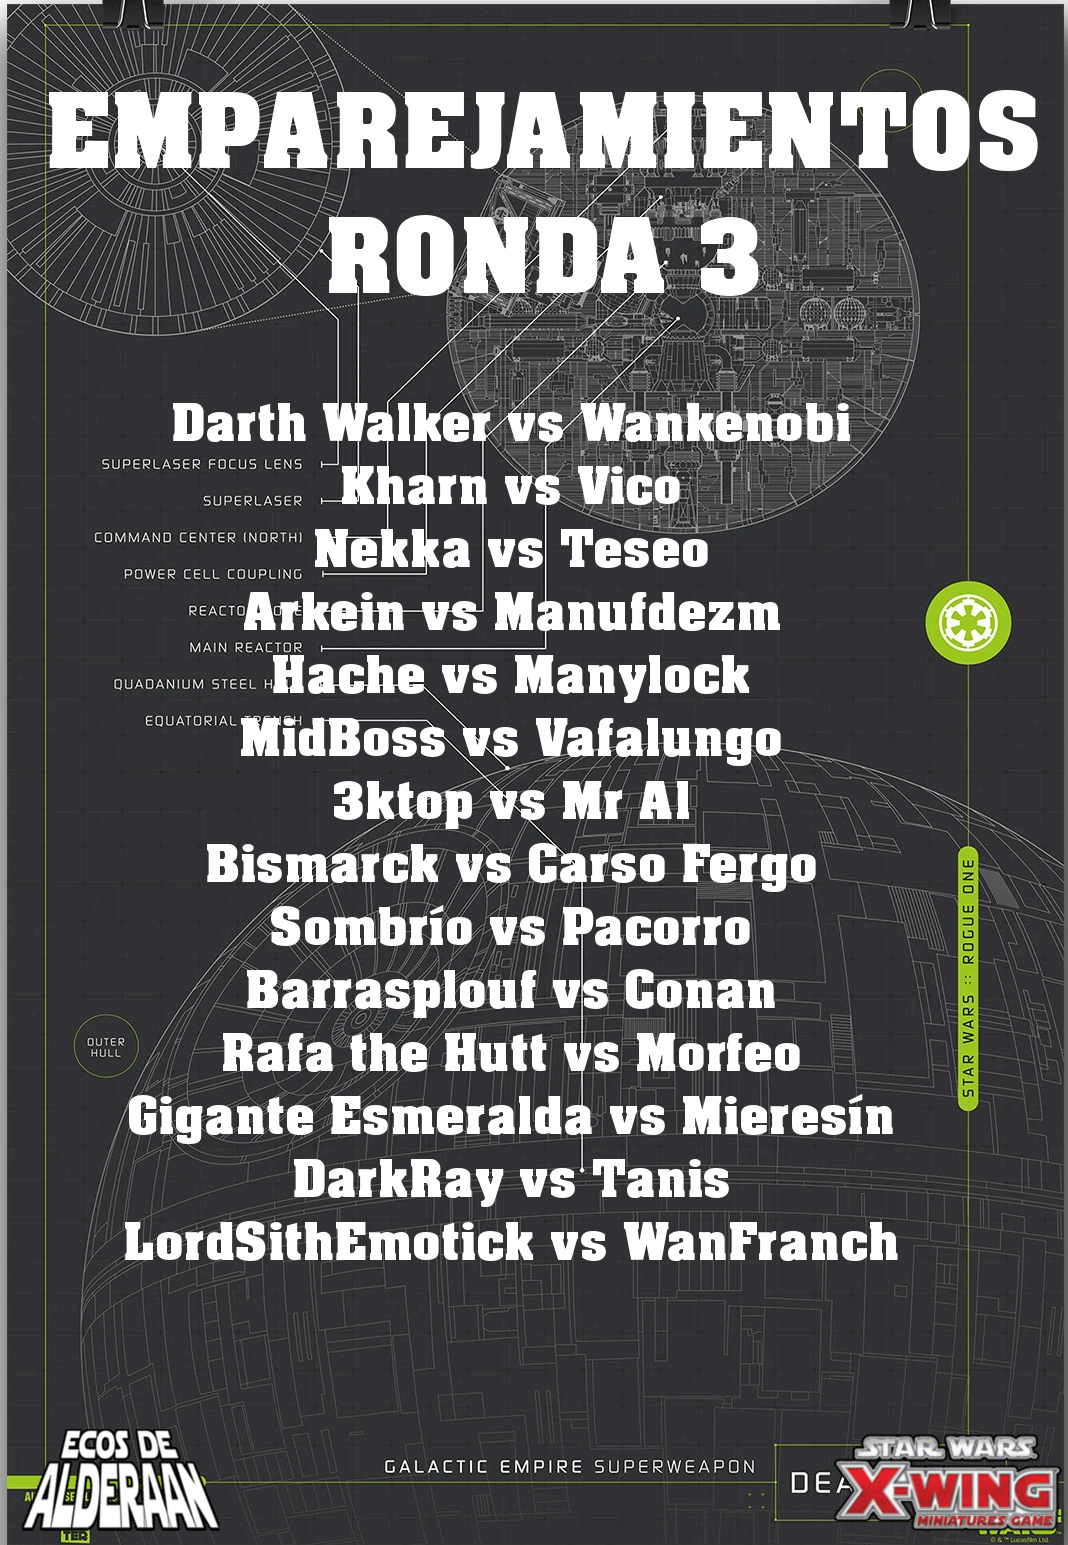 ECOS 2.0.4 - RONDA 3 - BLUIIIIIIIIIAAAAAAAPPPPPPP!!! Ronda312